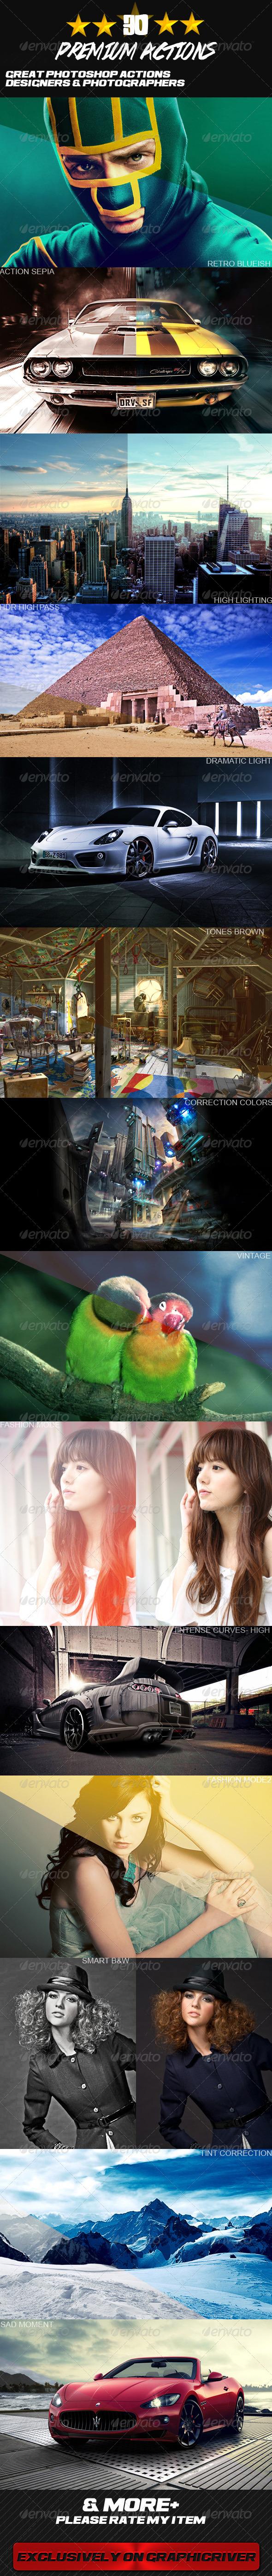 GraphicRiver 30 Premium Photo Effect 5141678